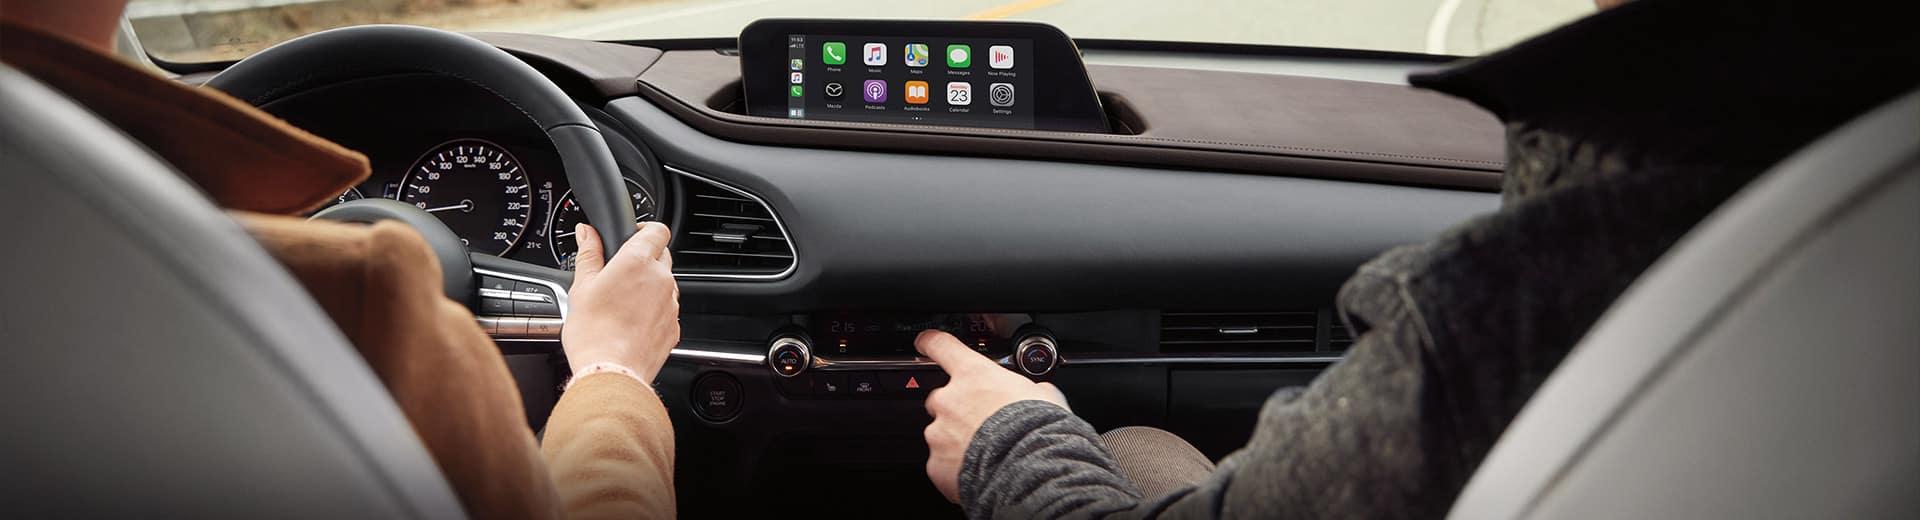 Mazda CX-30 - Available Bose Sound Sysytem